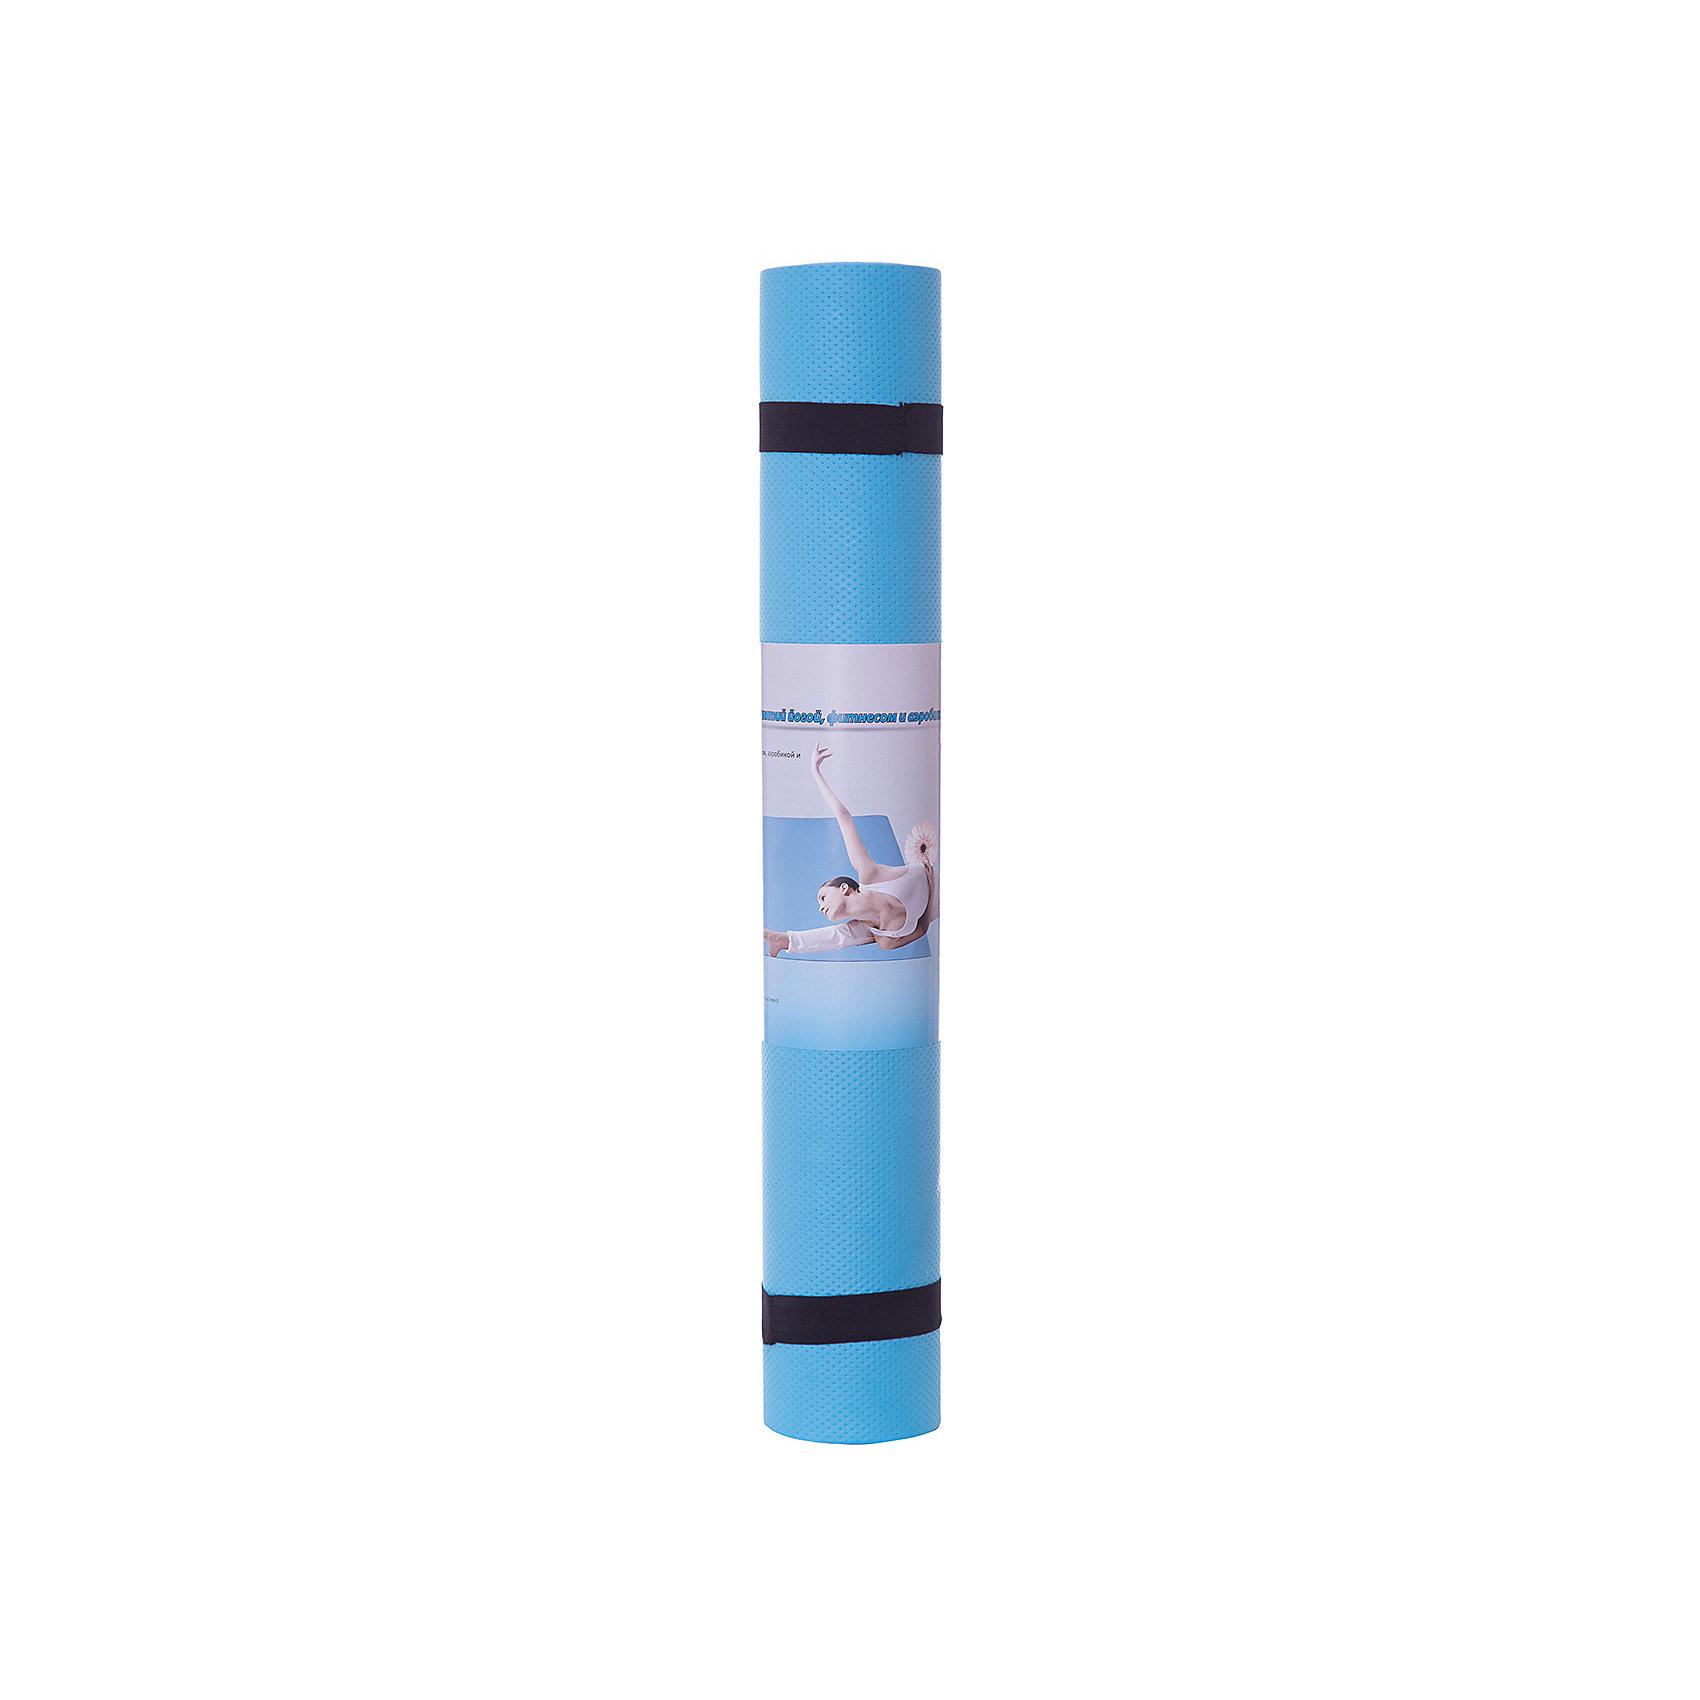 Коврик для йоги  ВВ8310, Z-Sports, голубойСпортивные коврики<br>Основные характеристики<br><br>Материал: EVA (этил-винил-ацетат)<br>Размер: 173х61х0,4см<br>Вес: 0,38кг<br>Цвета в ассортименте (фиолетовый, салатовый, голубой)<br>Вид применения: для занятий йогой, фитнесом, гимнастикой и аэробикой<br>Страна-производитель: Китай<br>Упаковка: термоусадочная пленка с цветным постером<br><br>Изделие изготовлено из современного материала, мягкого, но одновременно достаточно прочного, способного выдержать сильные механические нагрузки. Его эстетические параметры вполне соответствуют современным требованиям. Применяется для занятий йогой, фитнесом и аэробикой как в домашних условиях, так и в спортзалах. <br><br>Преимущества коврика BB8310:<br>- противоскользящая поверхность;<br>- оптимальный размер и вес;<br>- приятный современный дизайн и расцветка;<br>- его легко мыть и хранить, скатав в рулон.<br><br>Ширина мм: 100<br>Глубина мм: 100<br>Высота мм: 610<br>Вес г: 300<br>Возраст от месяцев: 36<br>Возраст до месяцев: 192<br>Пол: Унисекс<br>Возраст: Детский<br>SKU: 5512949